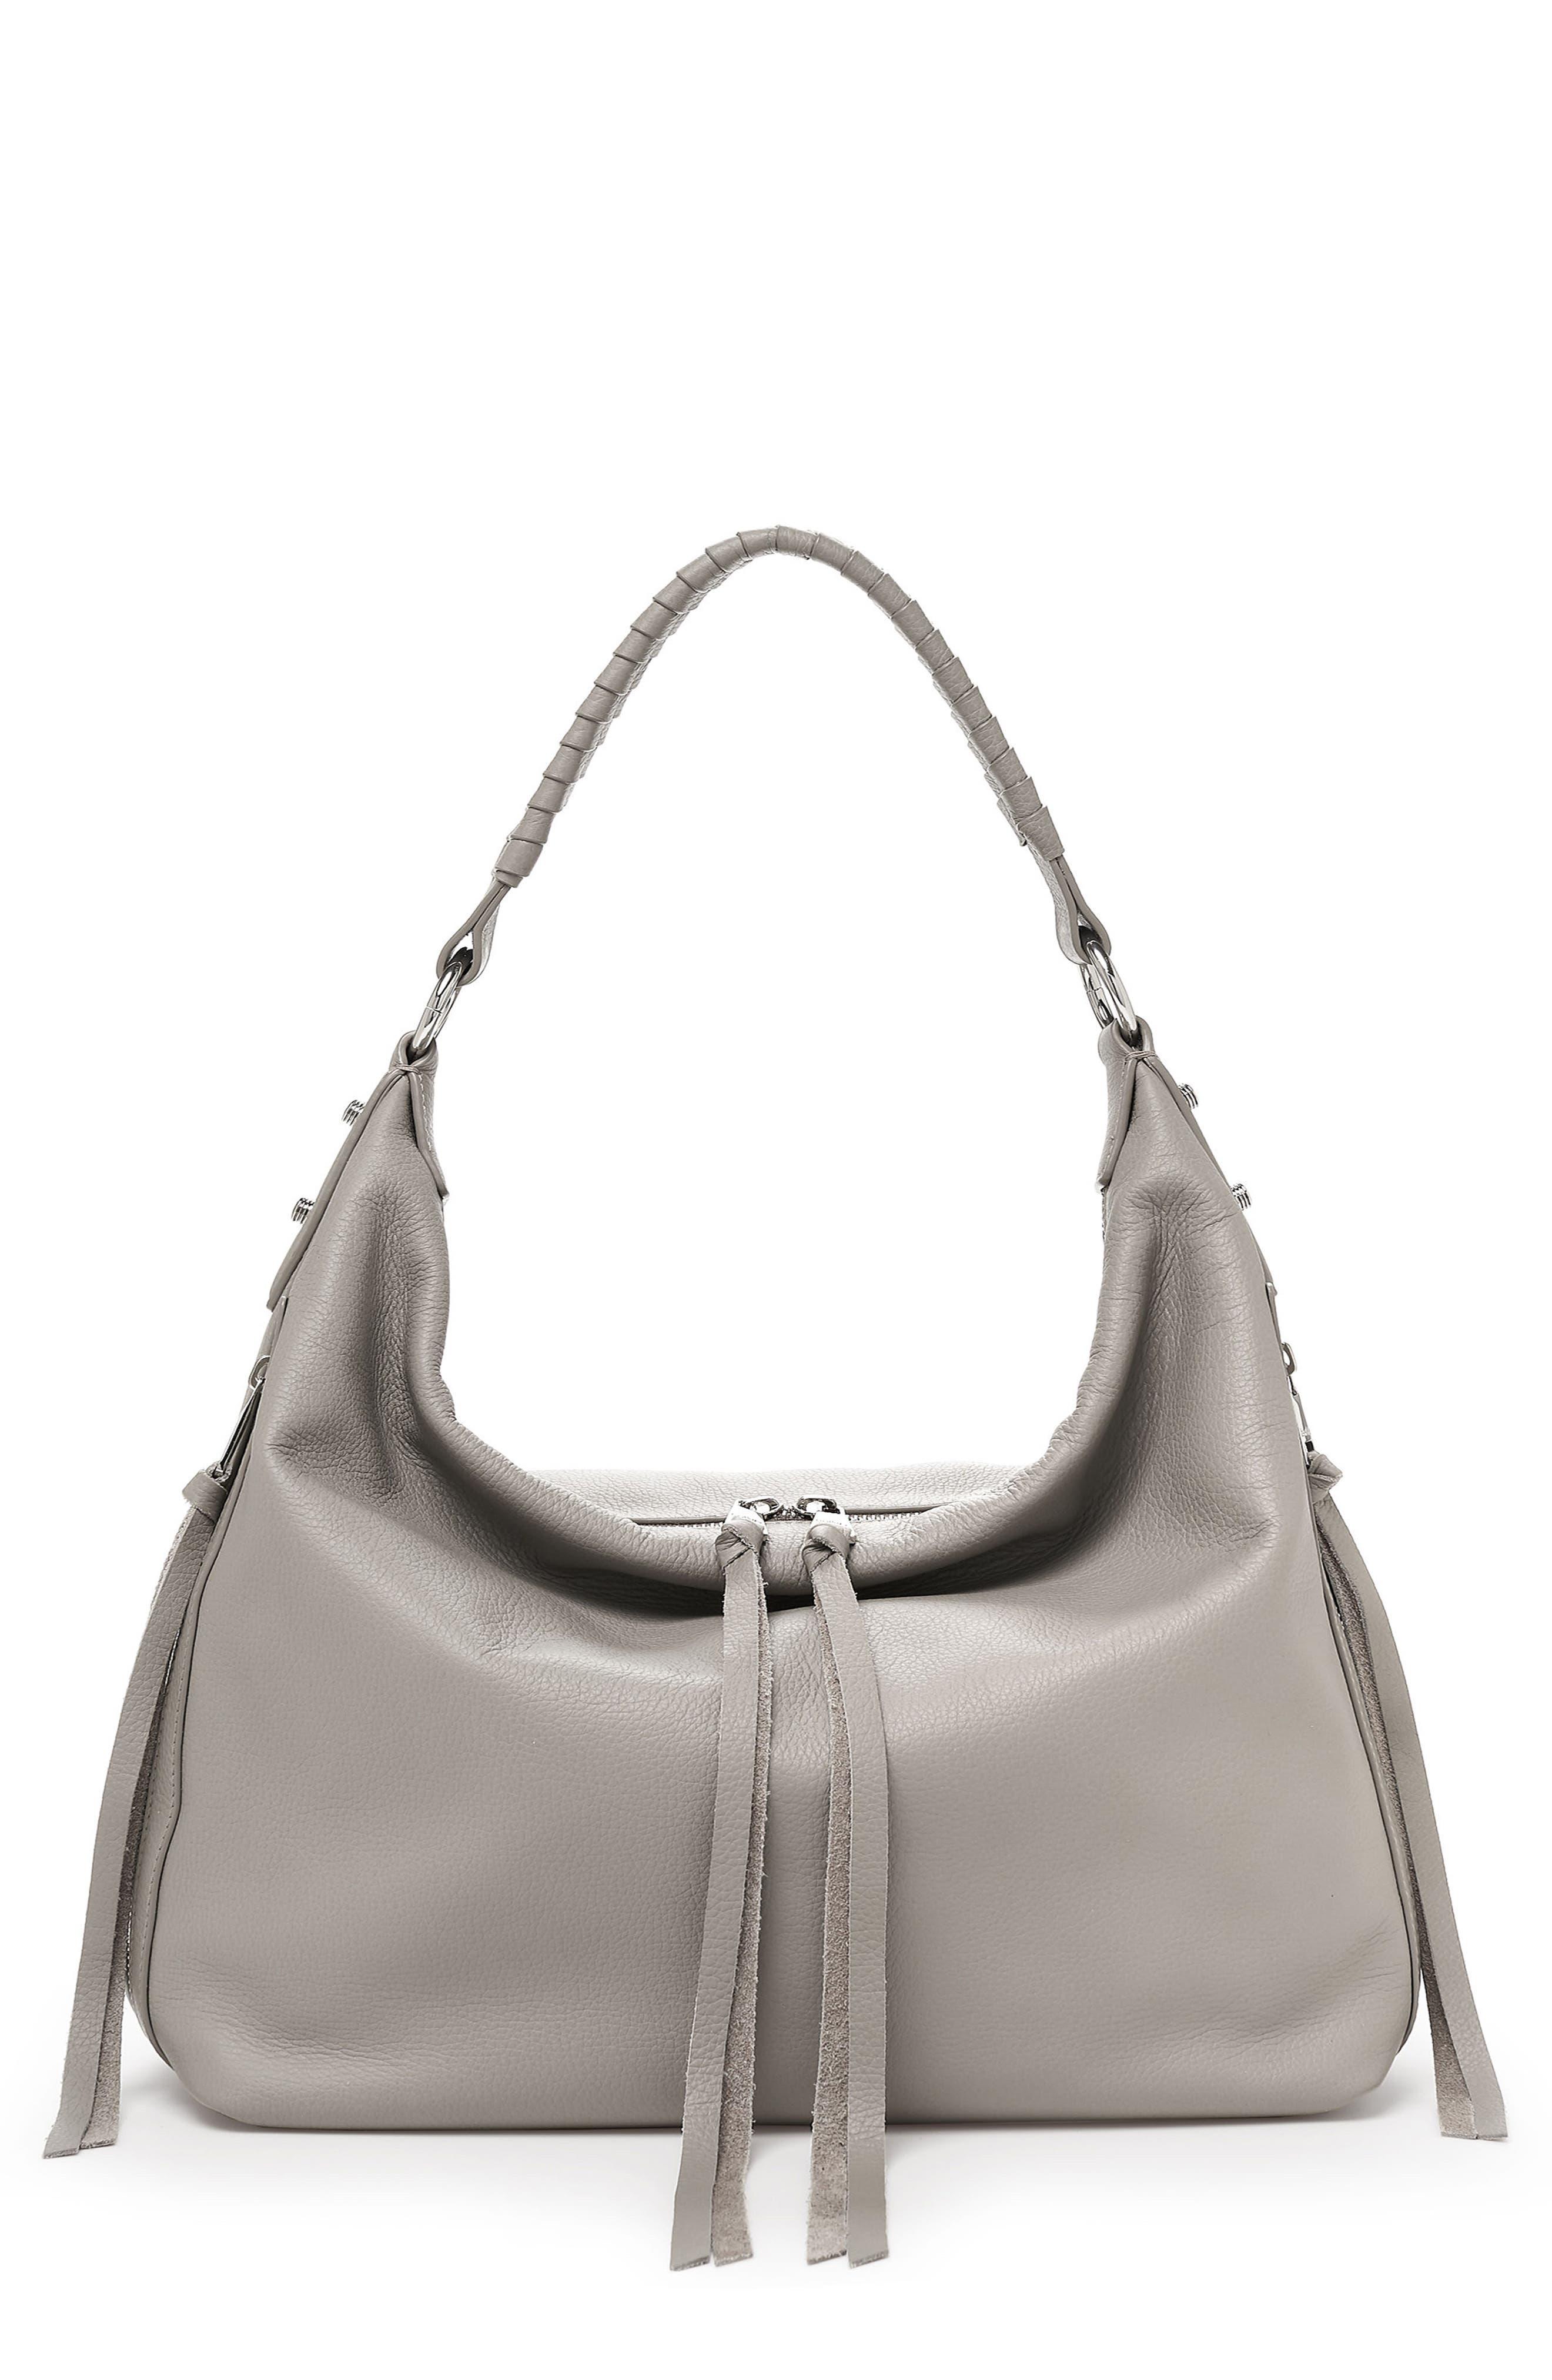 Samantha Leather Hobo Bag,                         Main,                         color, GREY